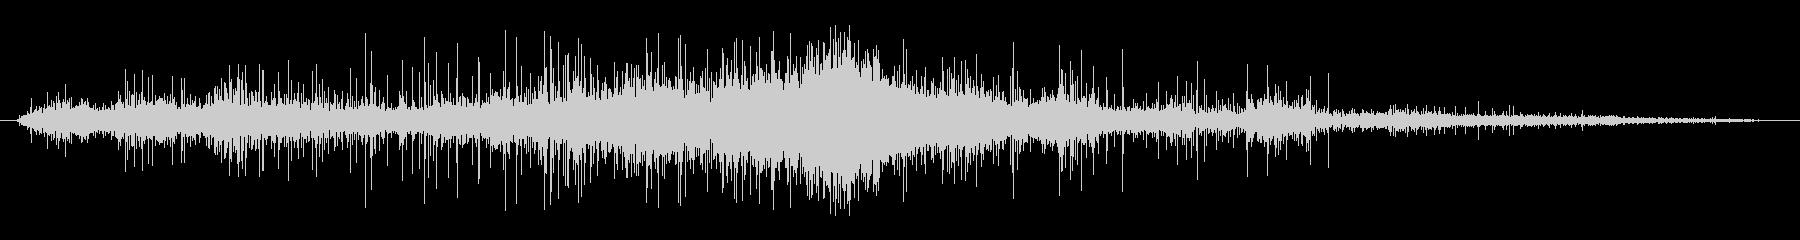 ホットメタルヒスのウェットラグの未再生の波形